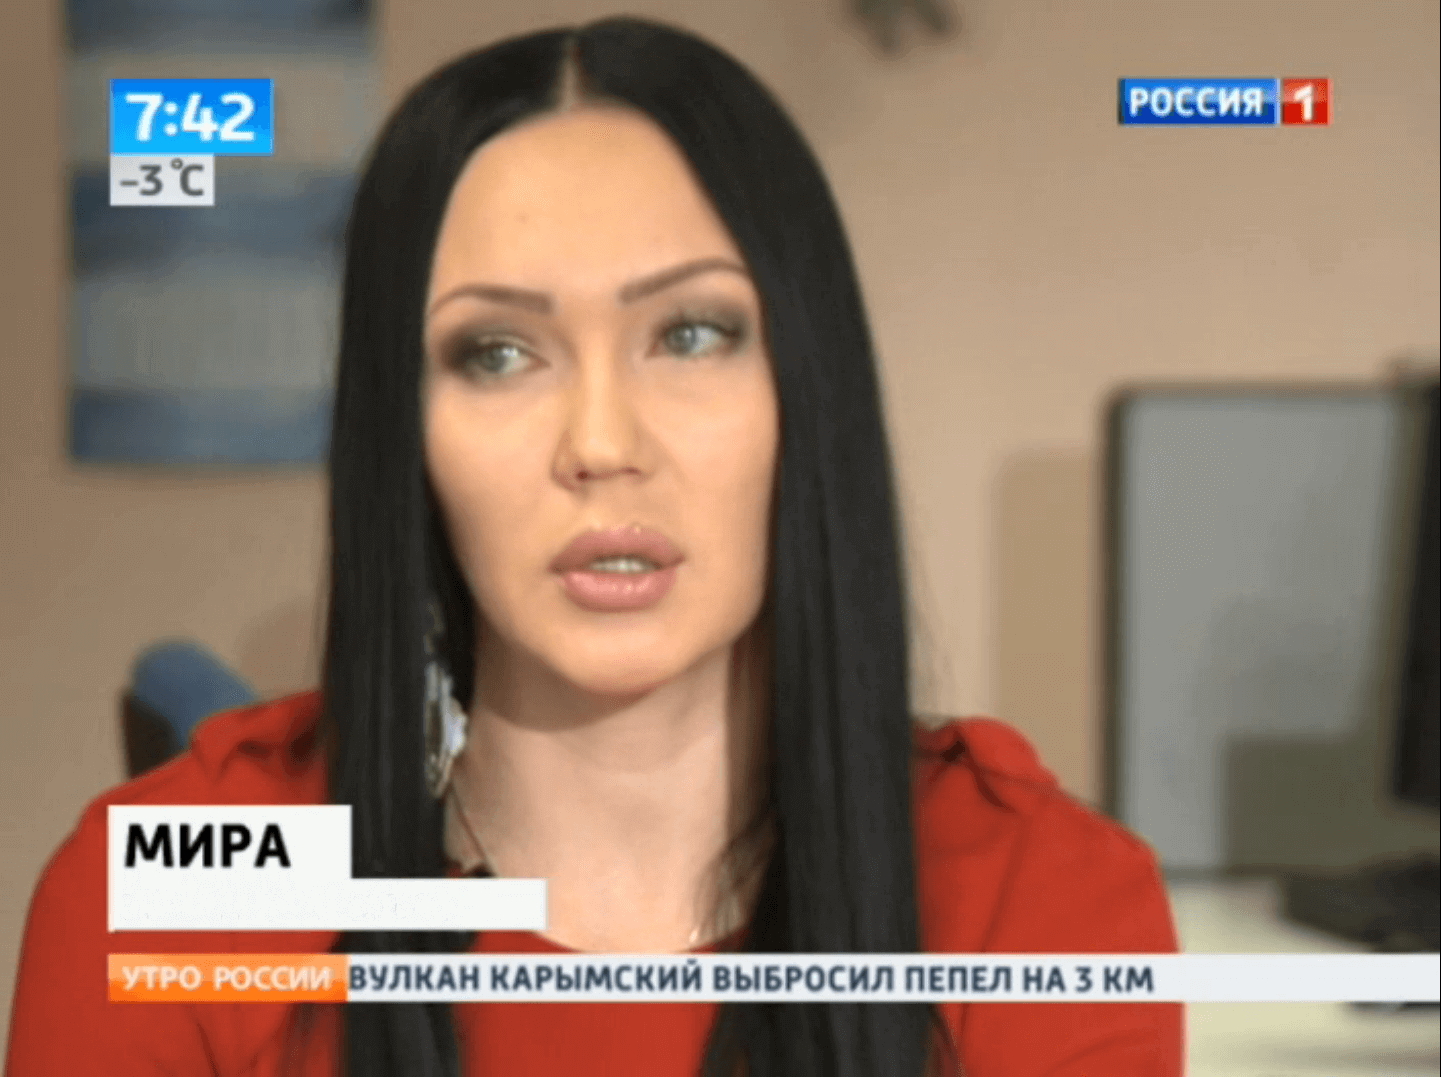 Мира в программе утро Россия 1